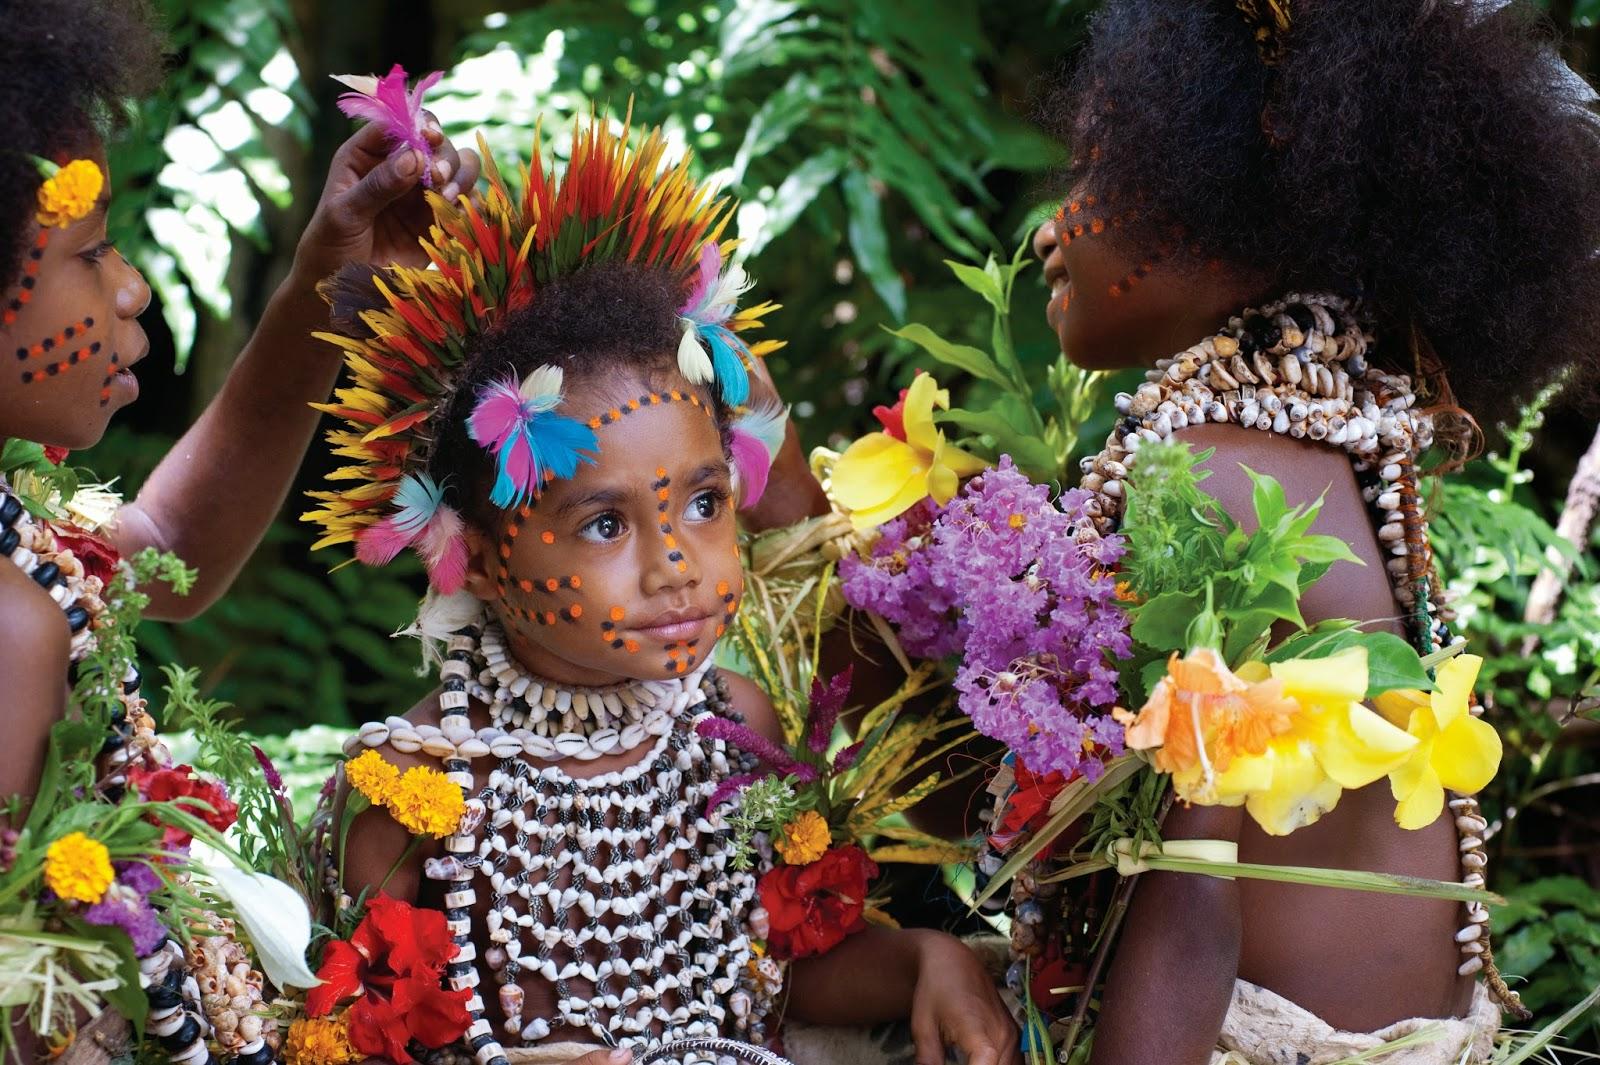 A COLOURFUL YOUNG TUFI GIRL - Papua New Guinea